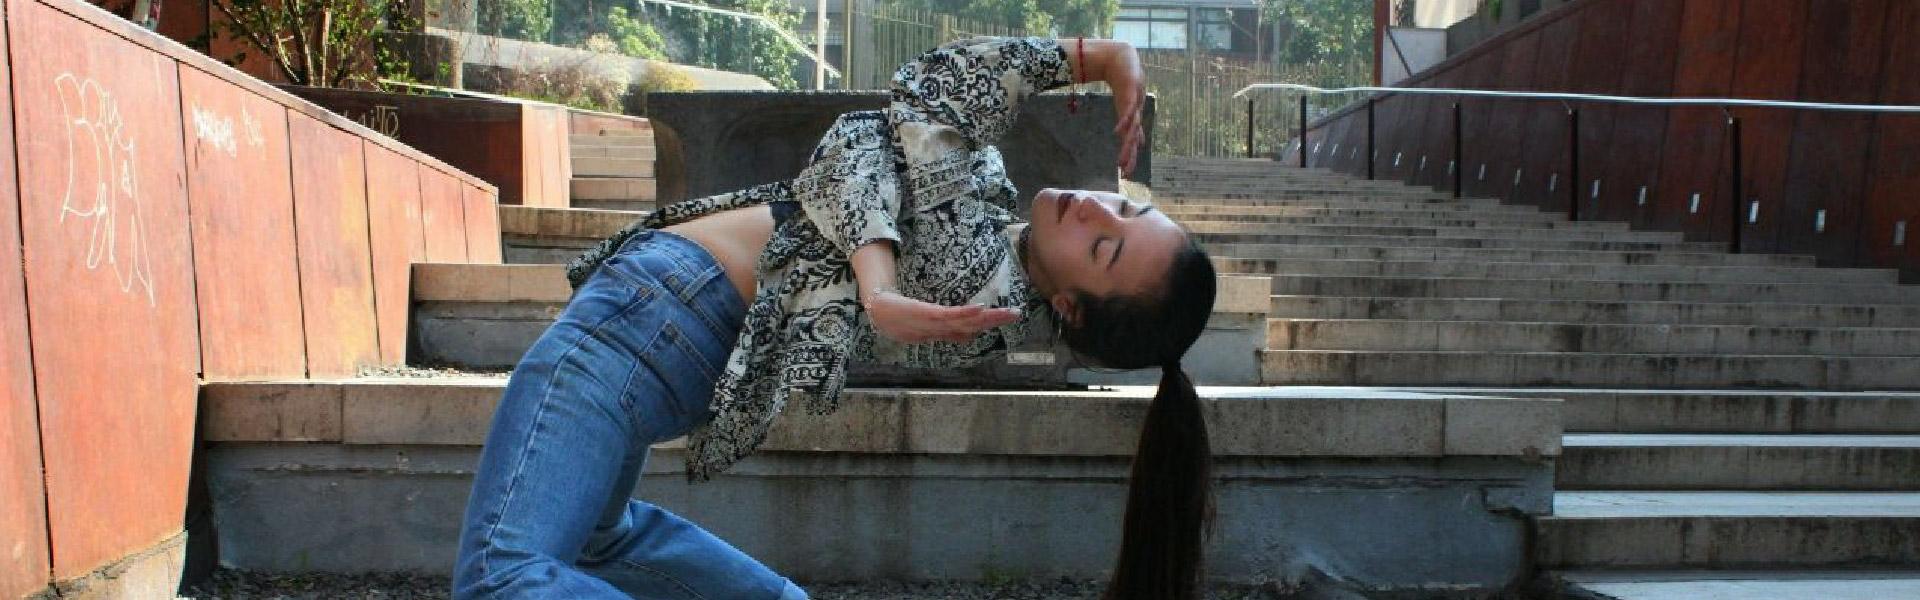 Mujer bailando en el taller